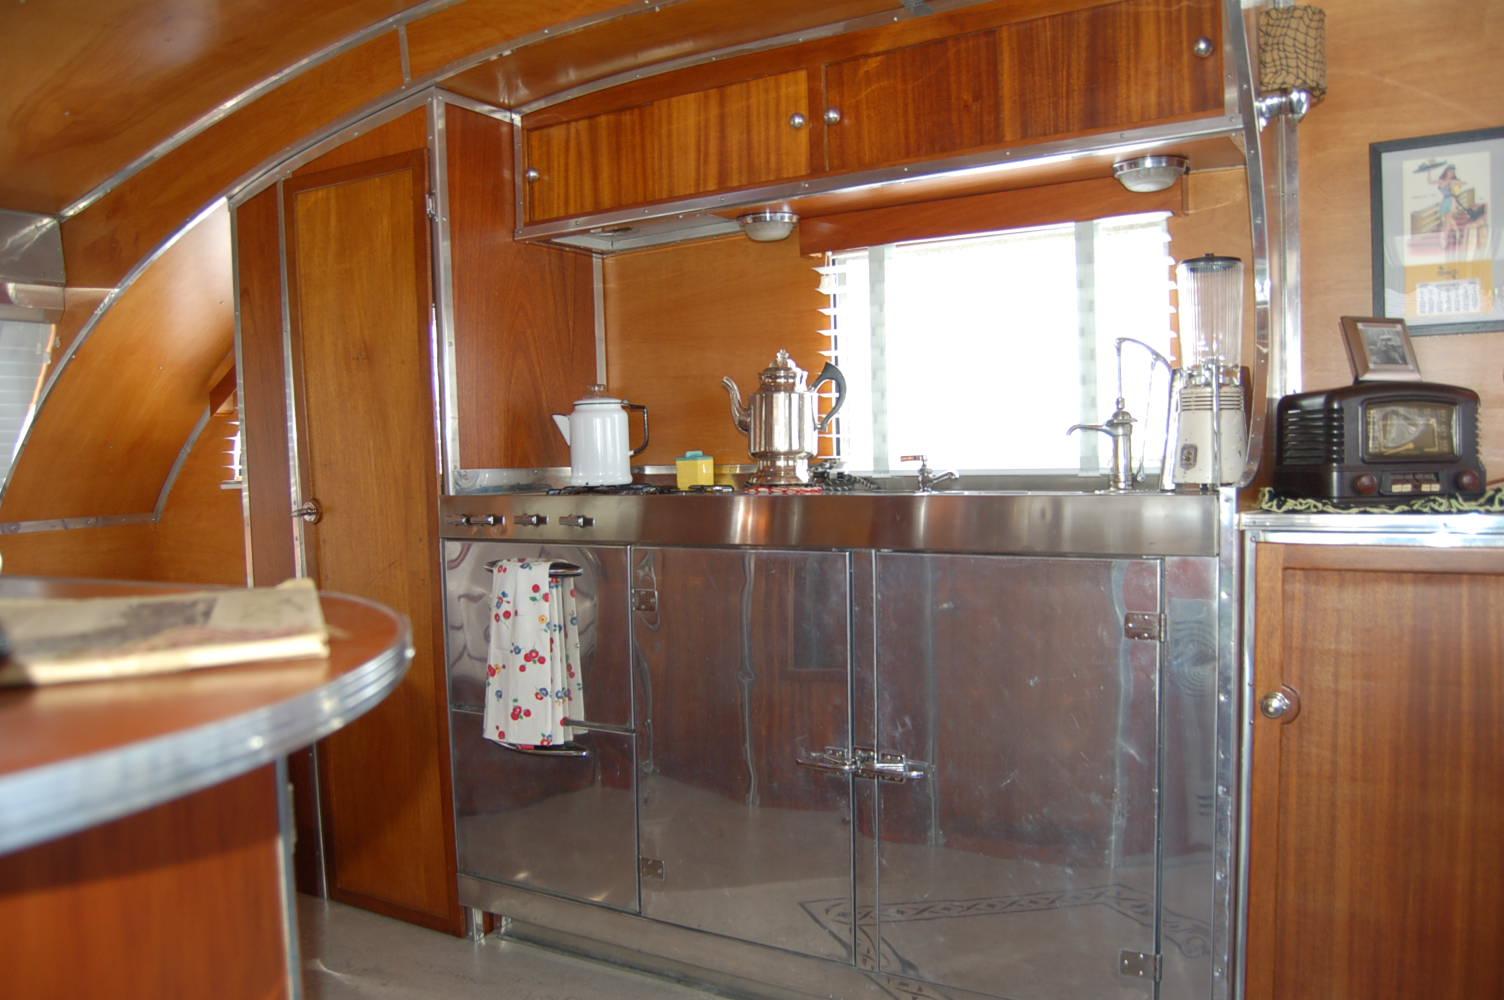 1947 Aero Flite Trailer Stainless Kitchen Cabinets